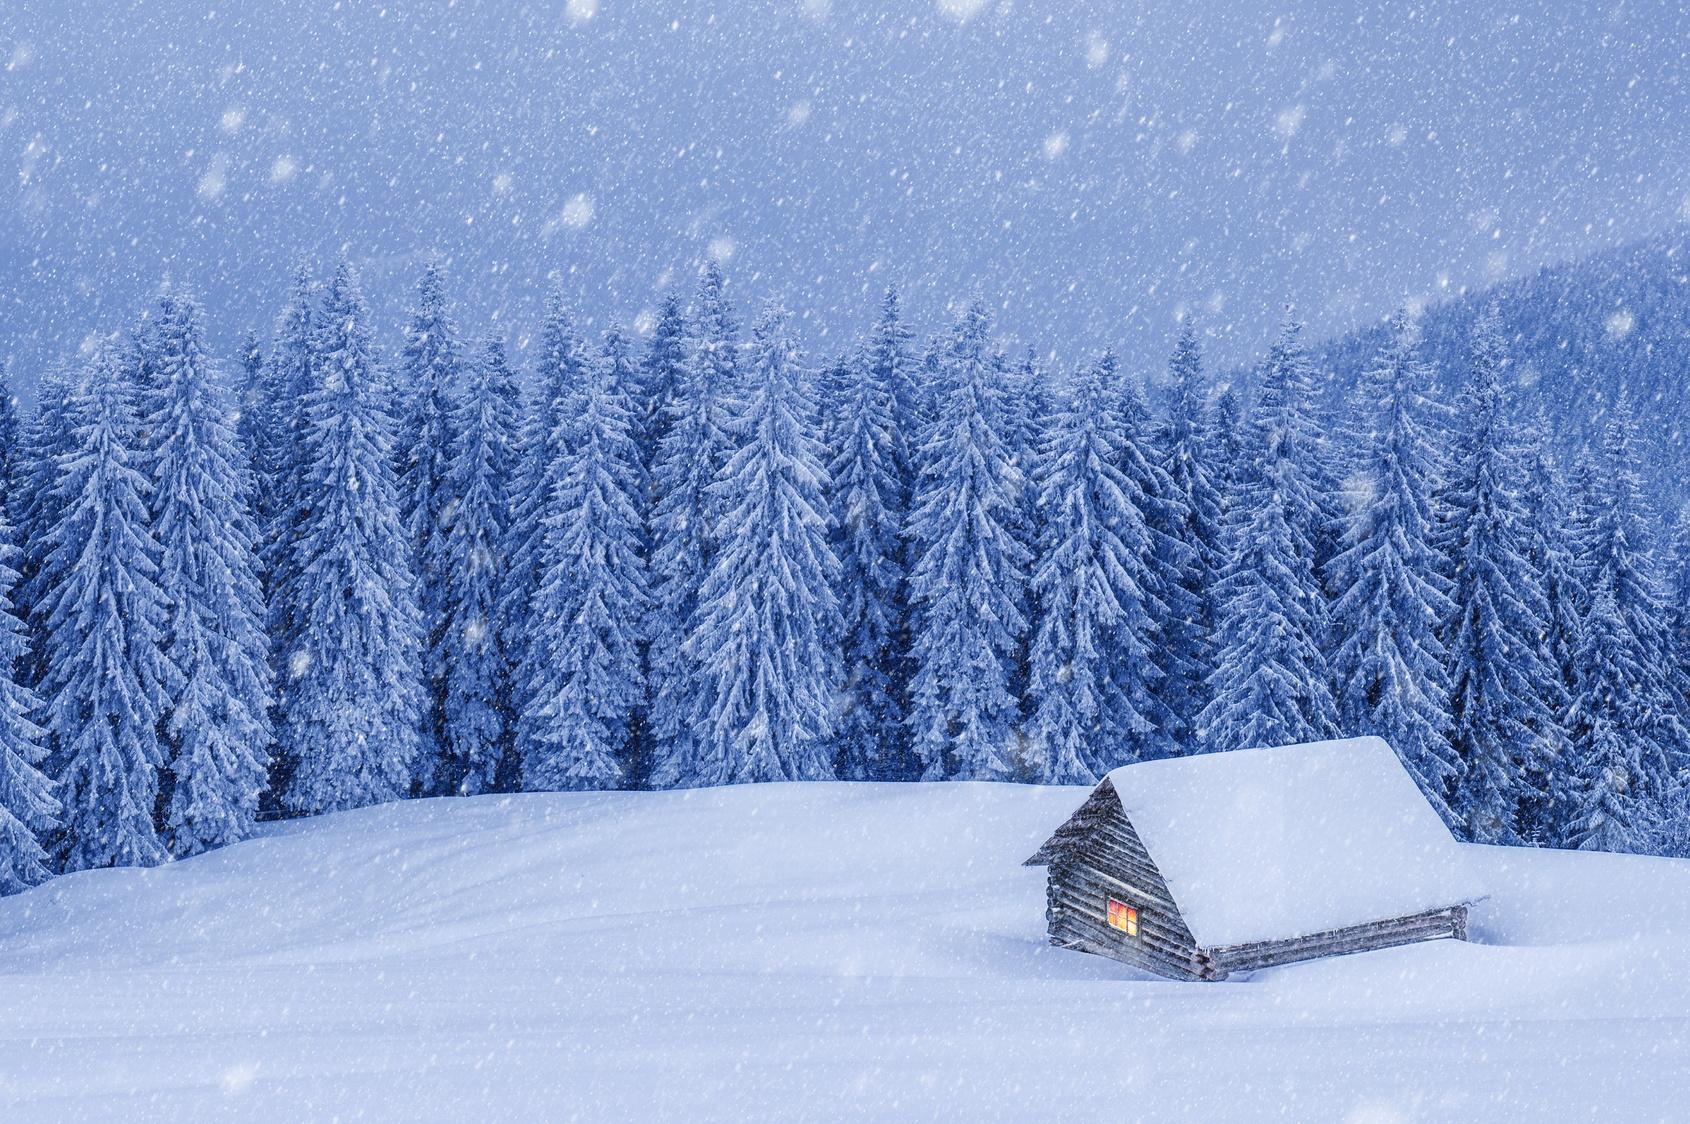 Come produrre reddito da una casa di vacanza in montagna - Come riscaldare una casa in montagna ...